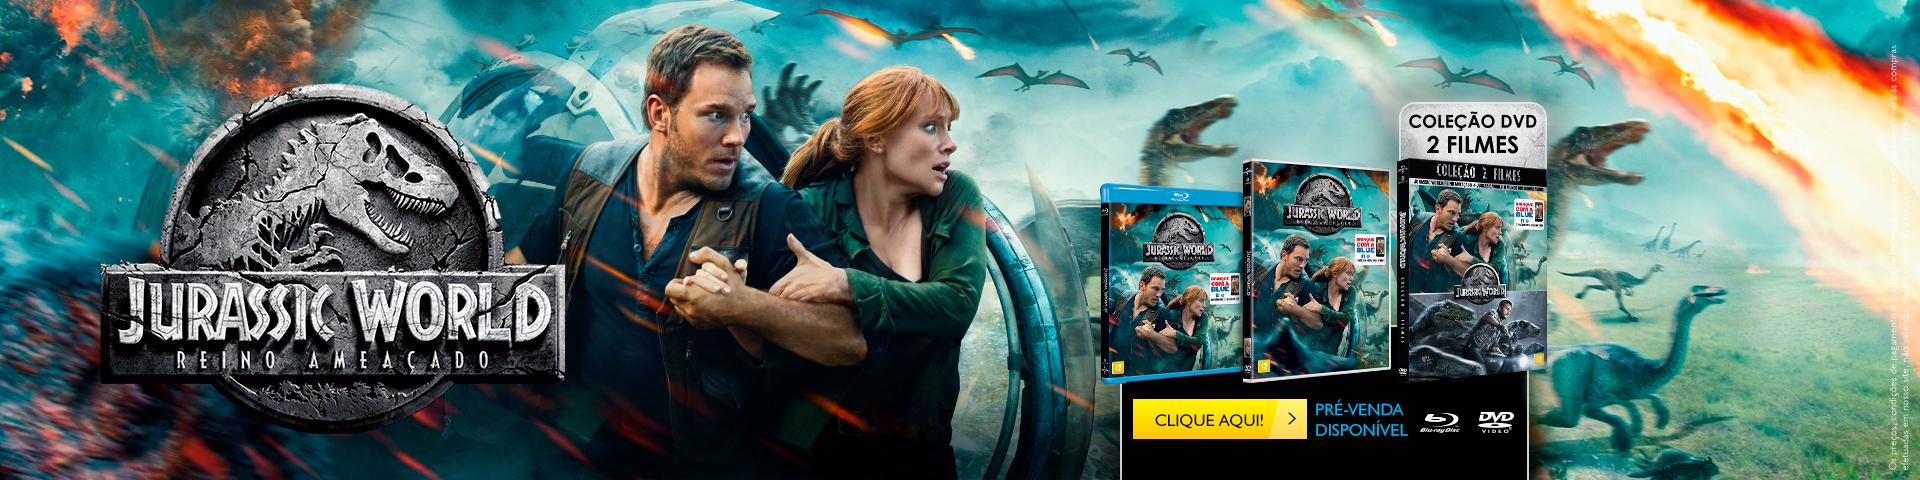 Jurassic Park - Reino Ameaçado